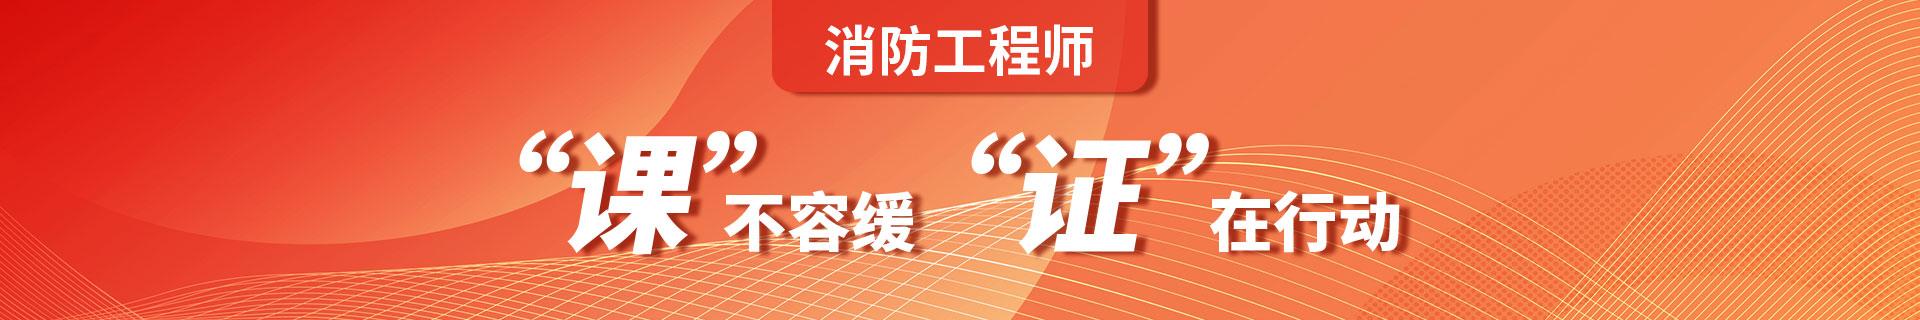 湖北武汉武昌优路教育培训学校